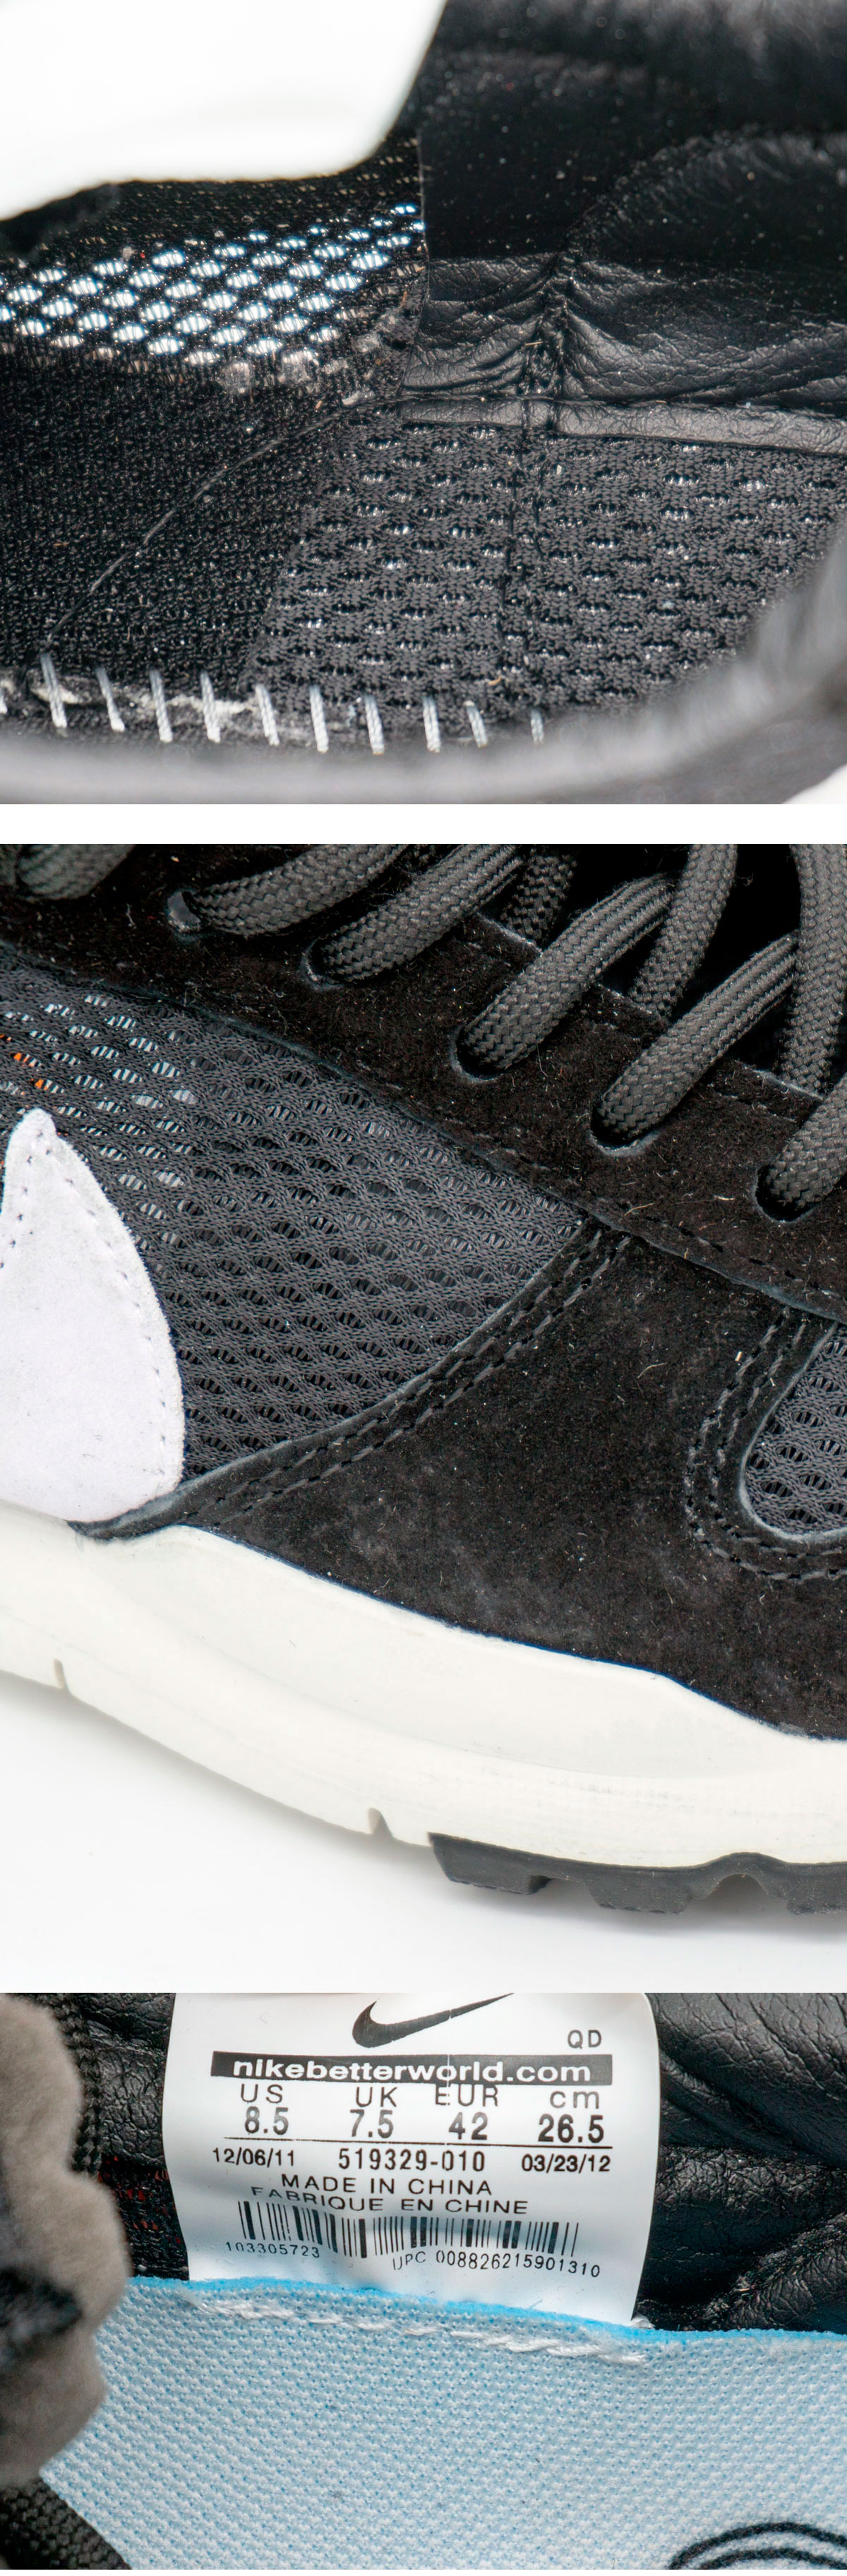 большое фото №5 Мужские кроссовки Nike Mars Yard 2.0 черно-белые. Топ качество!